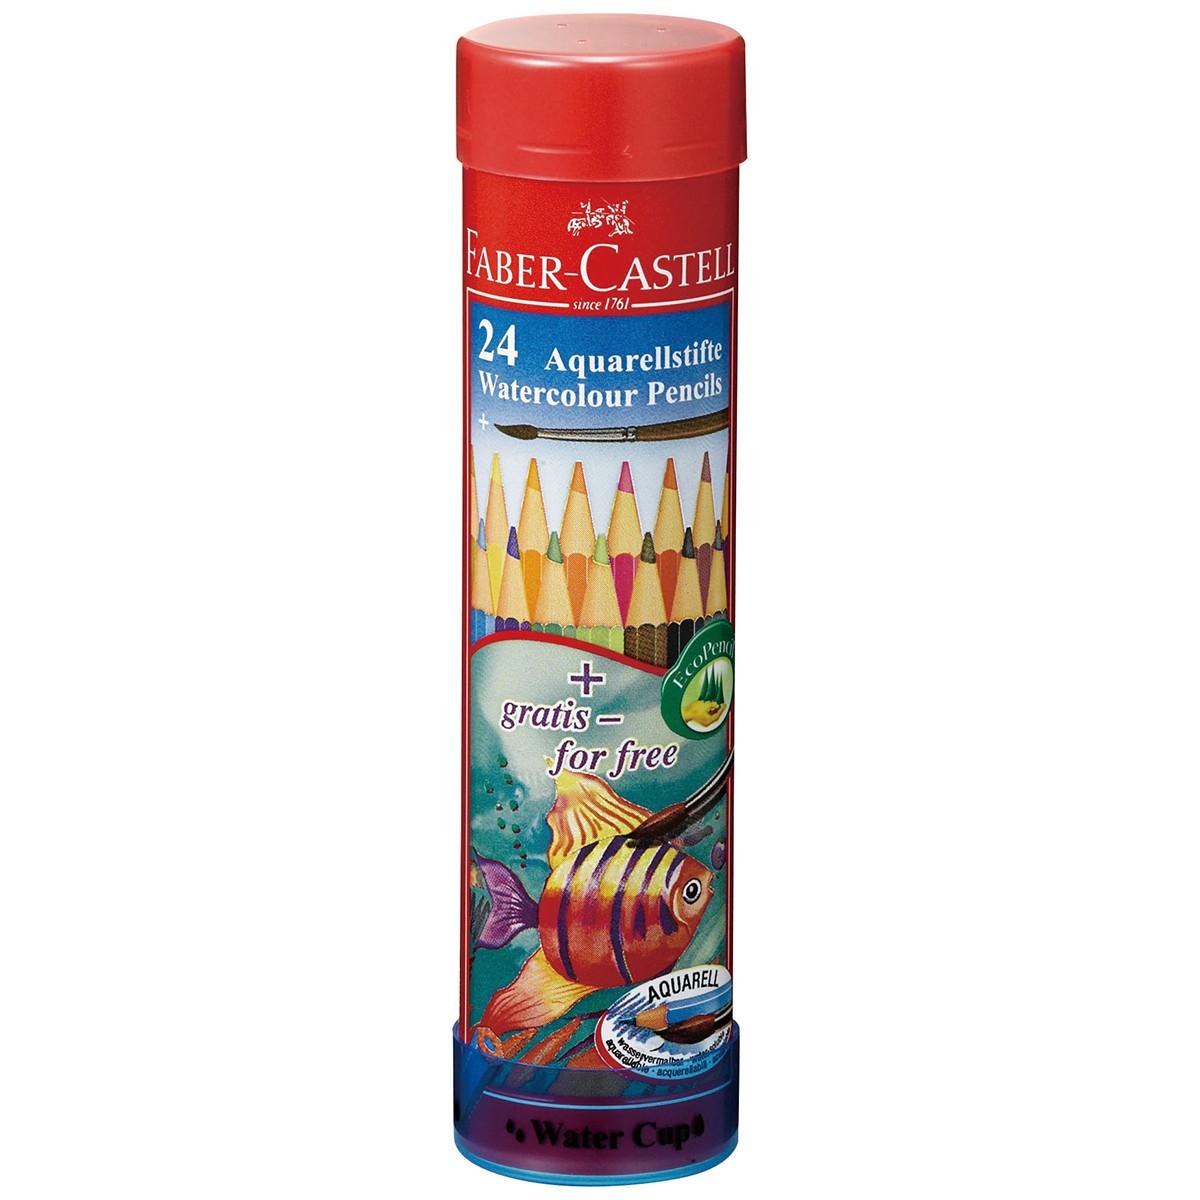 ファーバーカステル 水彩色鉛筆 丸缶 24色セット 【 デッサン スケッチ 絵画 水溶性 水彩 色鉛筆 色えんぴつ 】